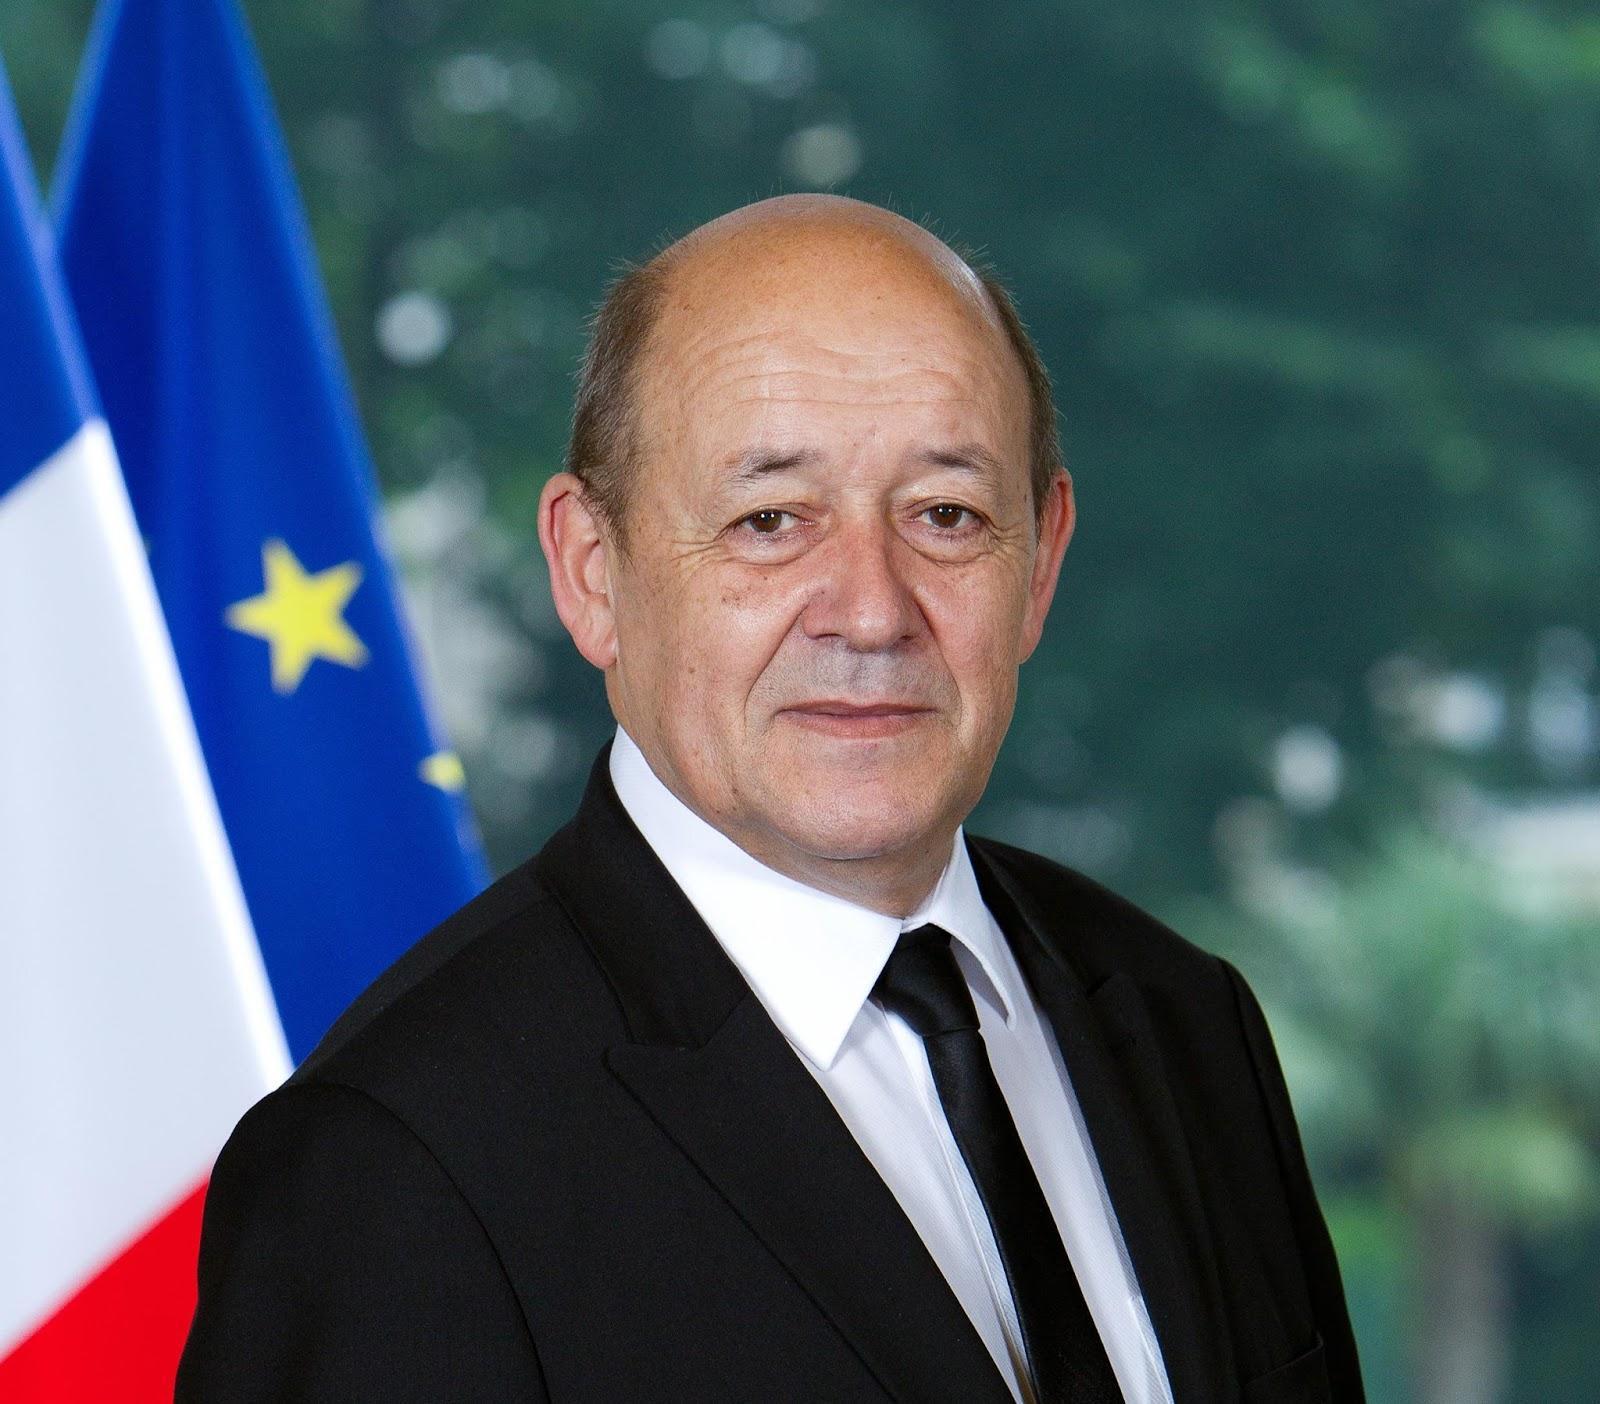 Министр иностранных дел Франции совершит визит в Азербайджан - ЭКСКЛЮЗИВ